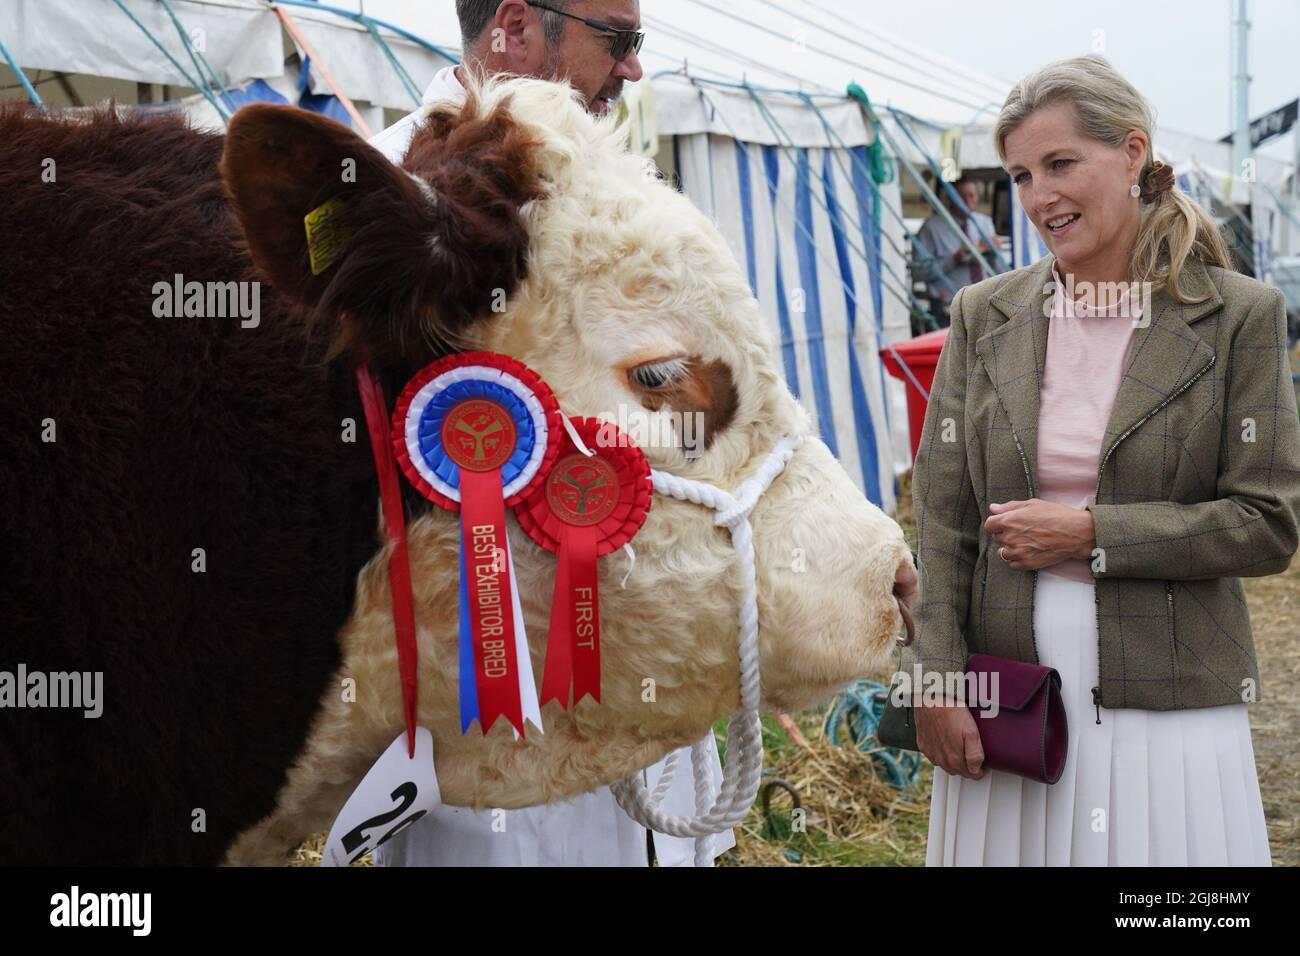 La contessa del Wessex vede il campione hereford bull al Westmorland County Show a Crooklands, Cumbria, prima di una visita della principessa reale e della contessa del Wessex. Data foto: Giovedì 9 settembre 2021. Foto Stock